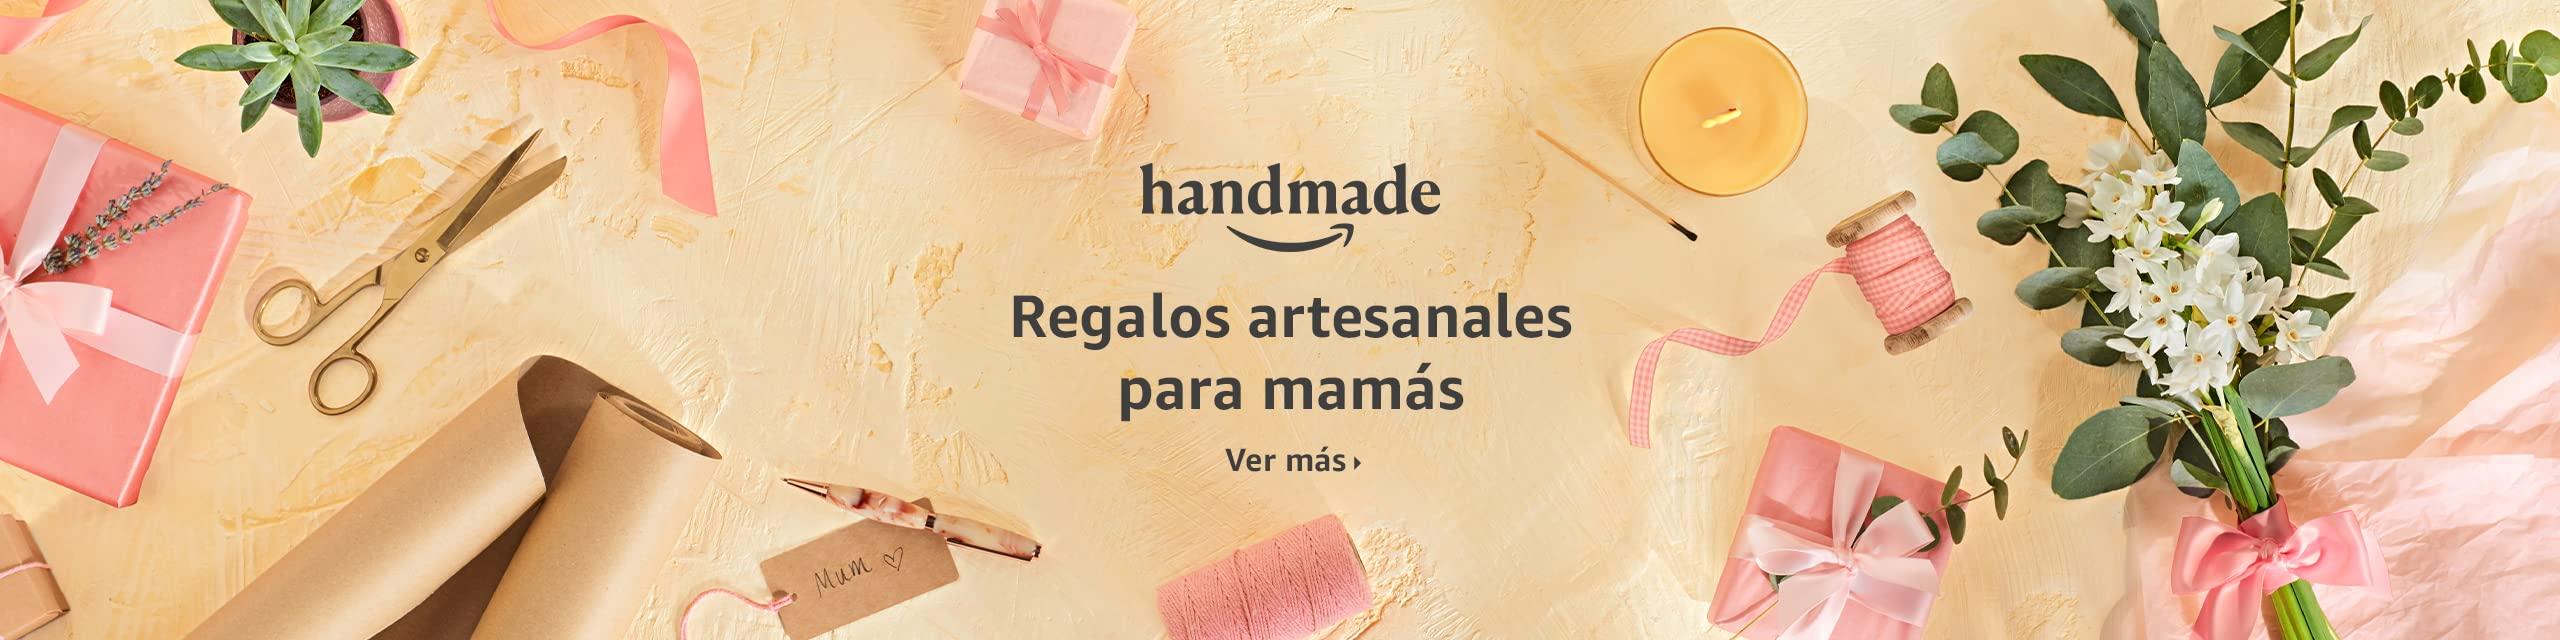 Regalos artesanales para mamás